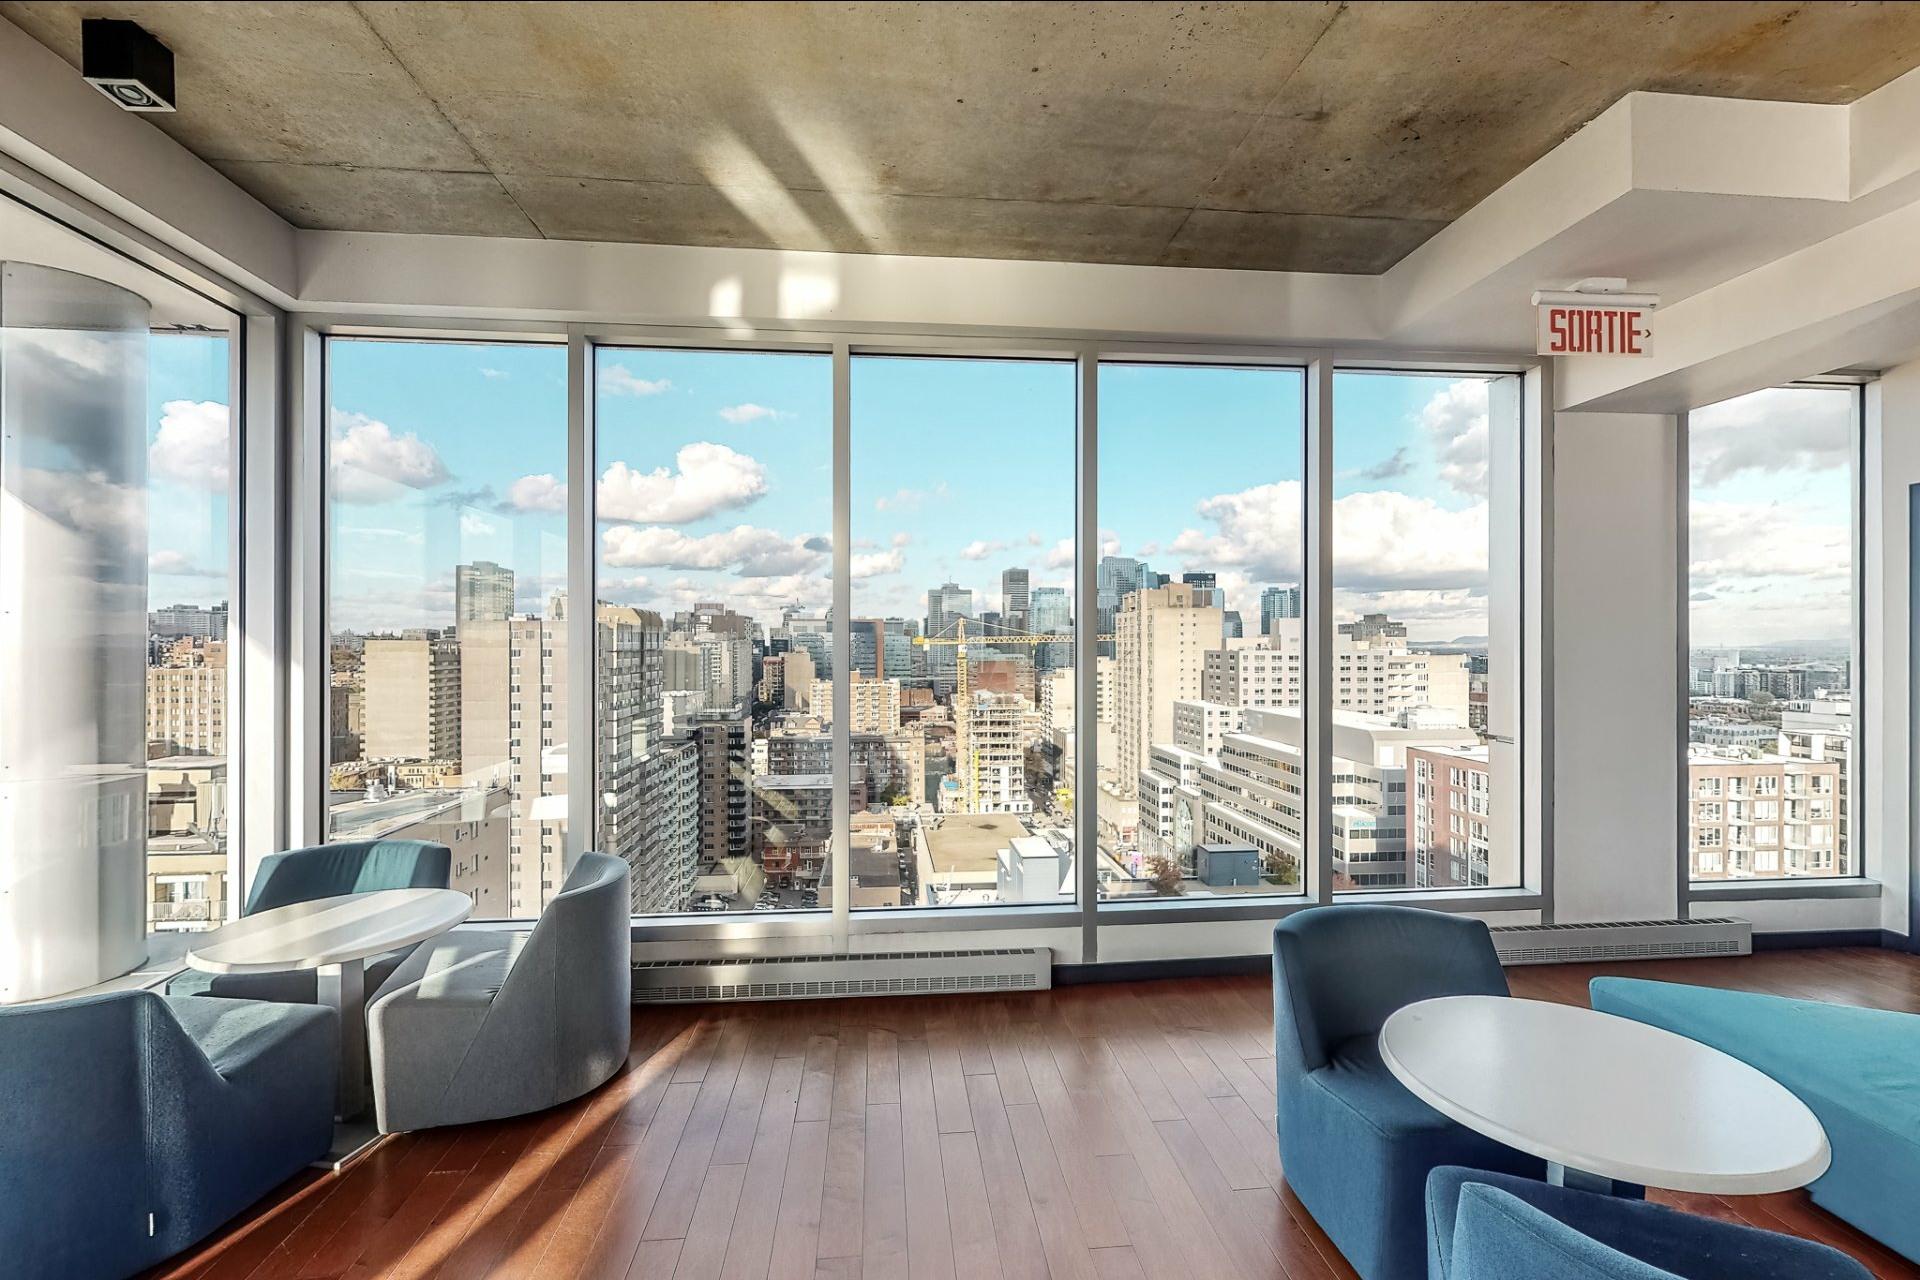 image 13 - Appartement À vendre Ville-Marie Montréal  - 2 pièces